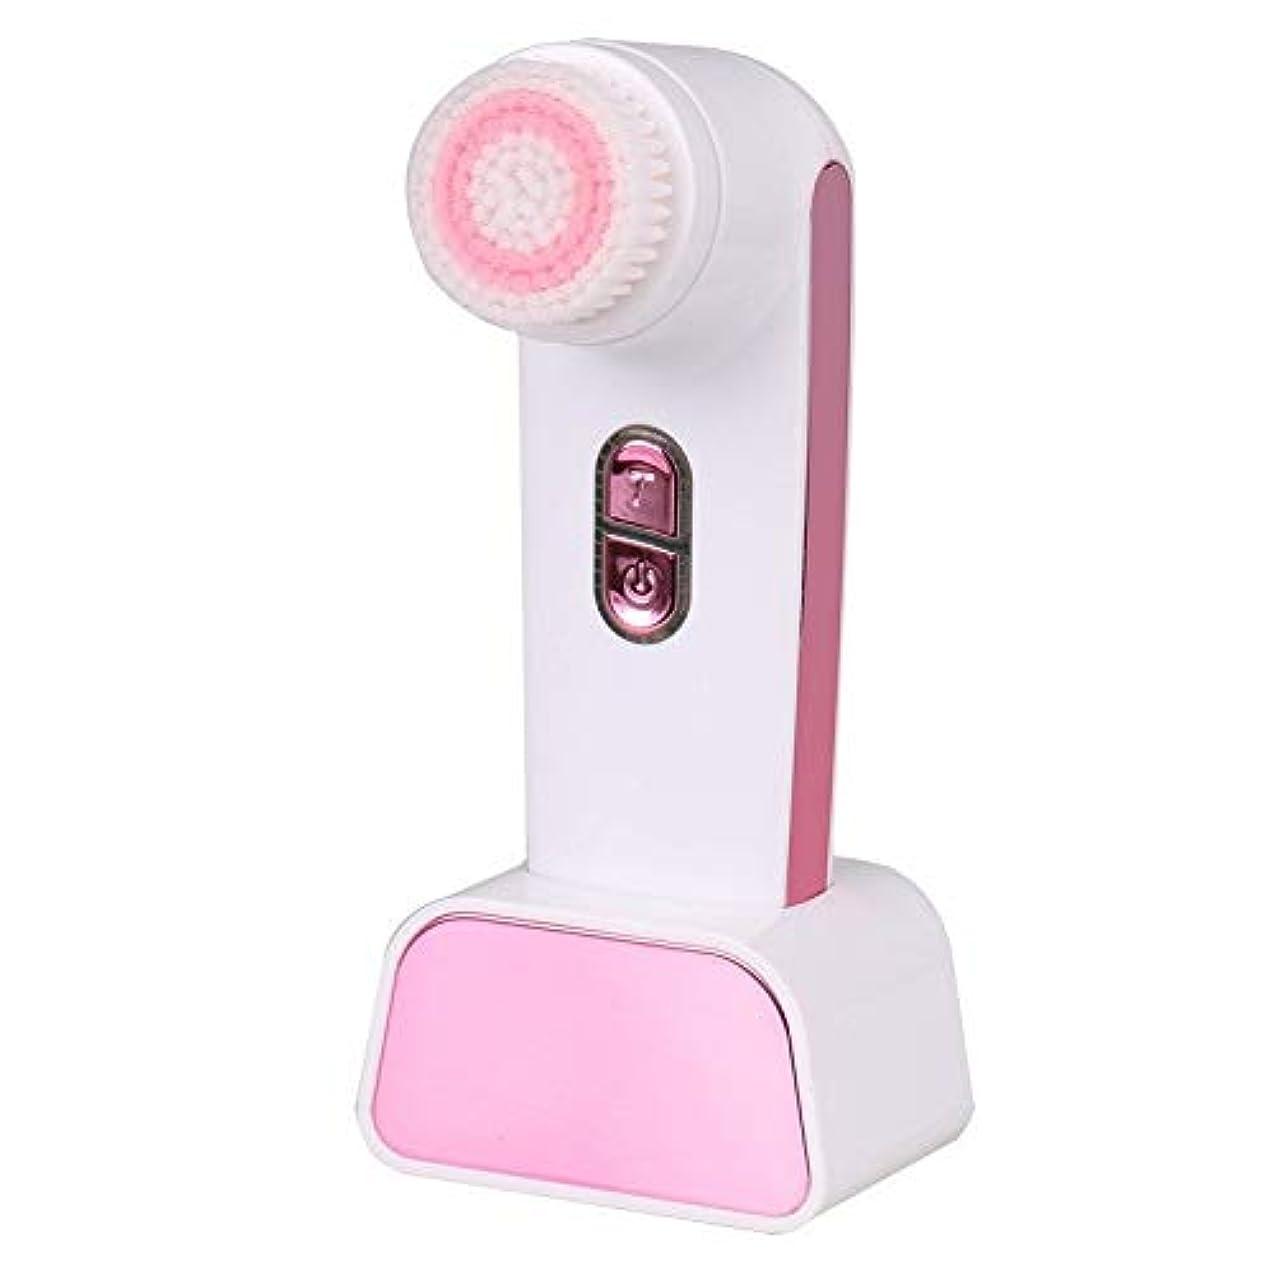 ステップ地平線アクセルソニックバイブレーションフェイシャルクレンジングブラシ、ディープフェイシャルクレンジングブラシ電動ビューティーマッサージャー穏やかな角質除去クリア化粧品残留物 (Color : Pink)